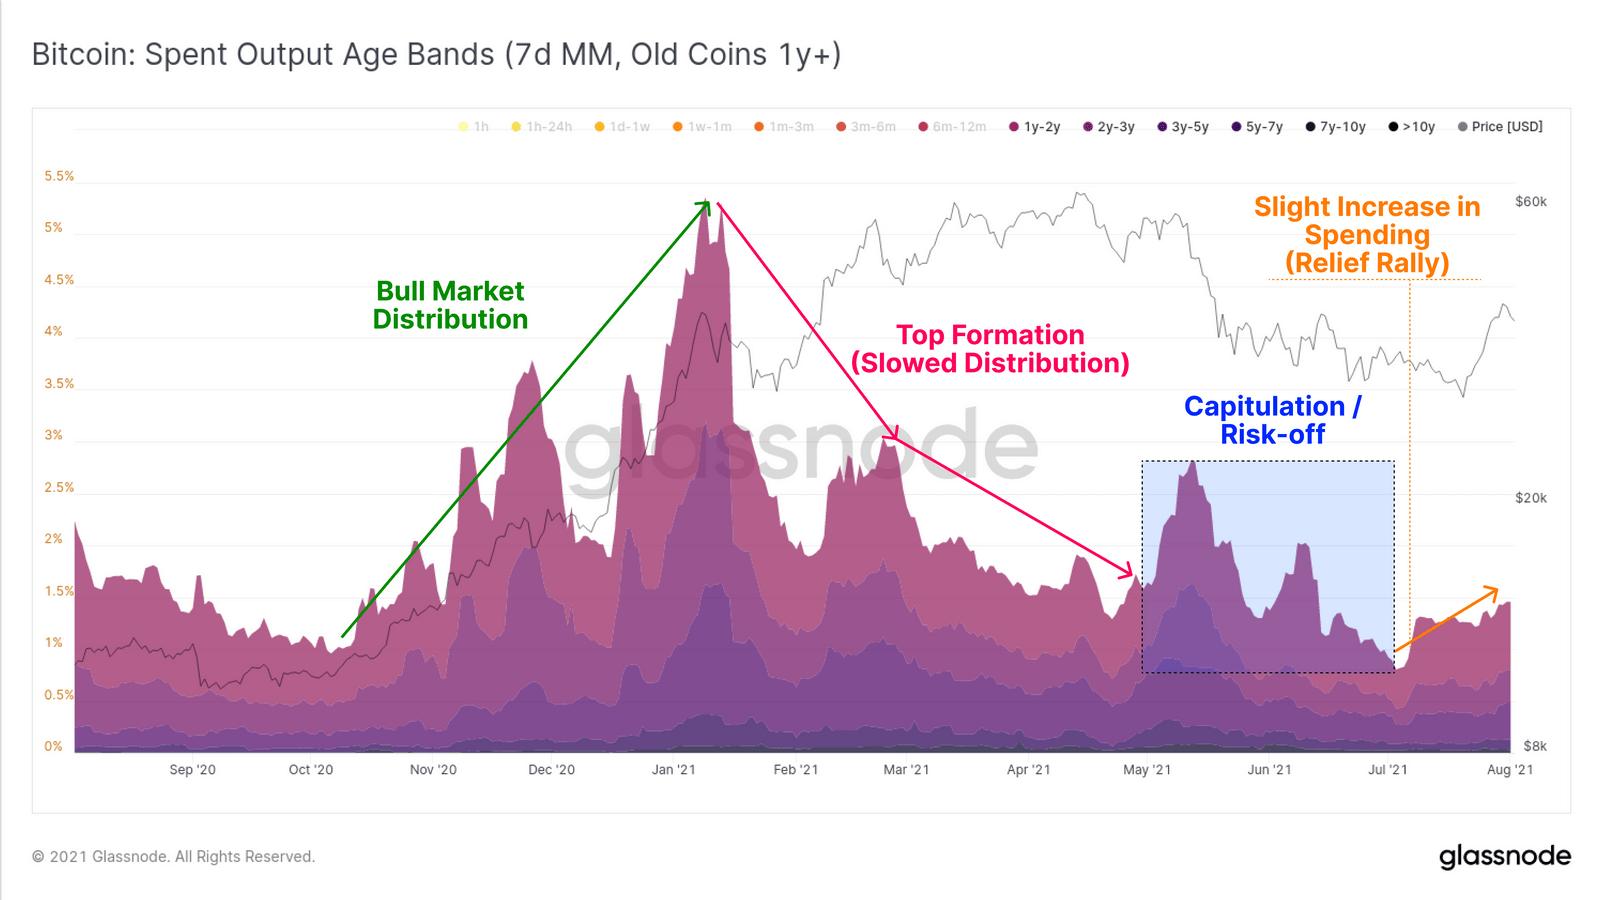 Bewegung älterer Bitcoin